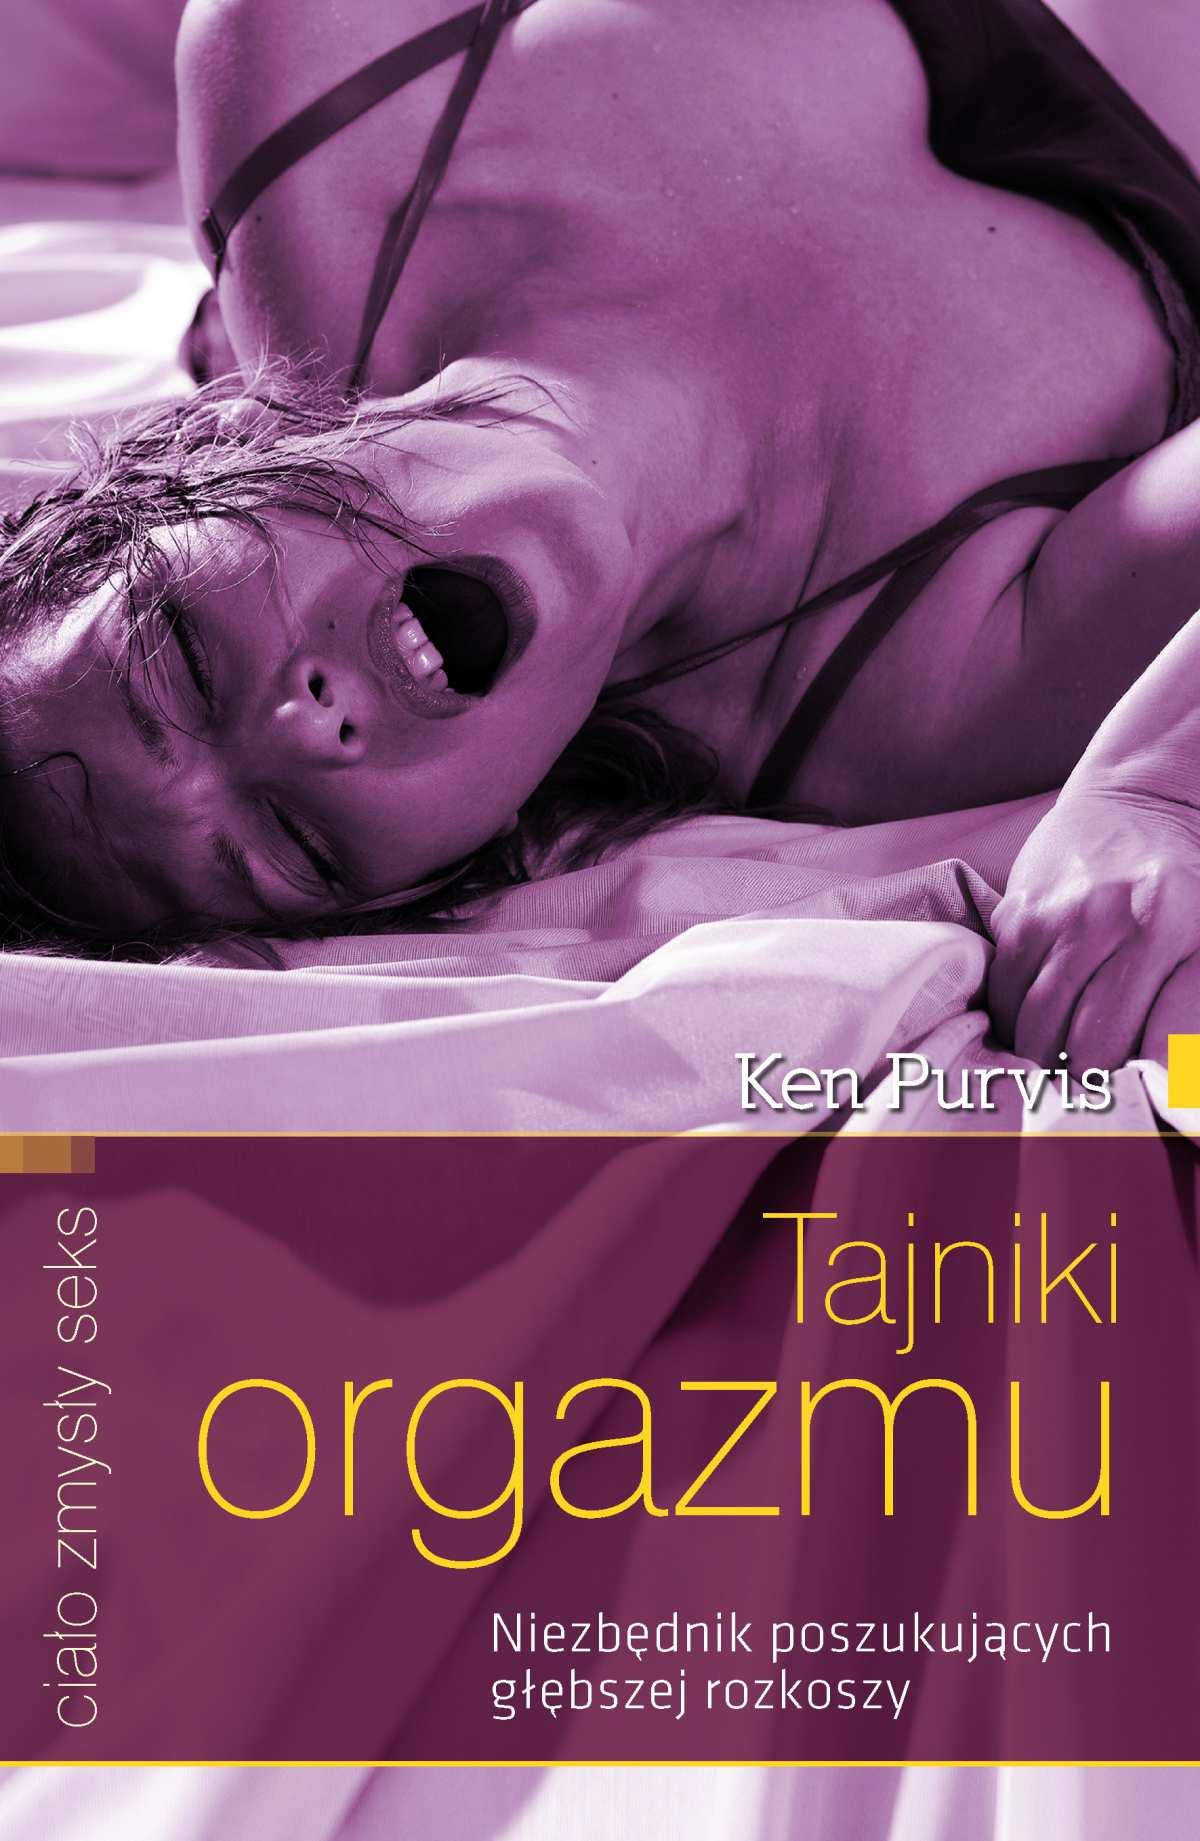 Tajniki orgazmu - Ebook (Książka EPUB) do pobrania w formacie EPUB